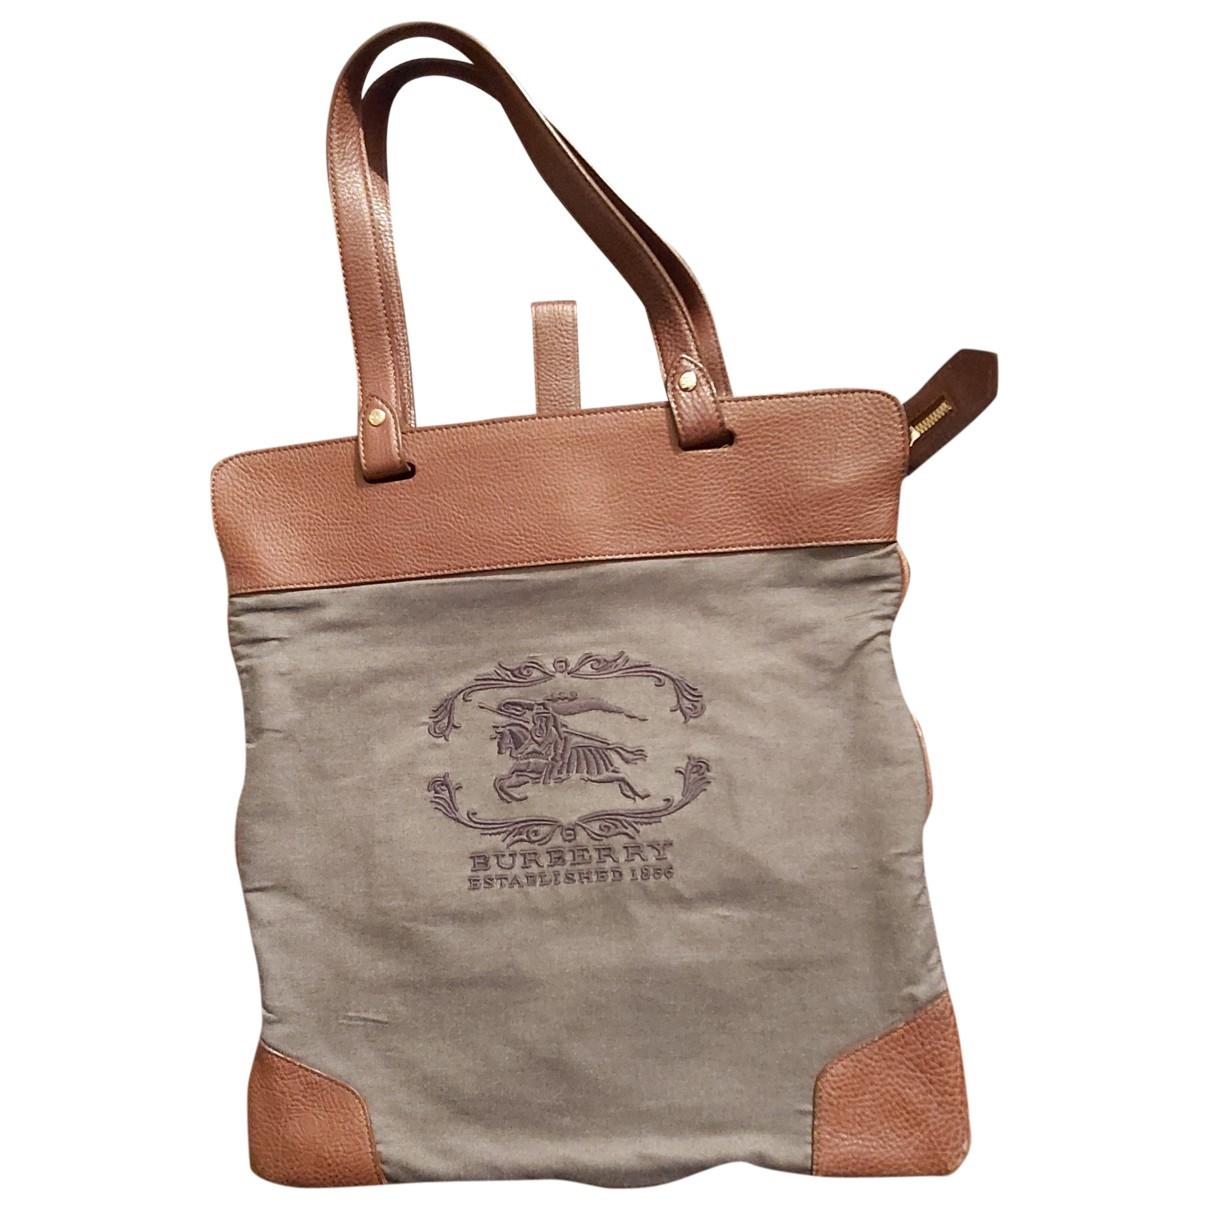 Burberry \N Handtasche in  Grau Leinen